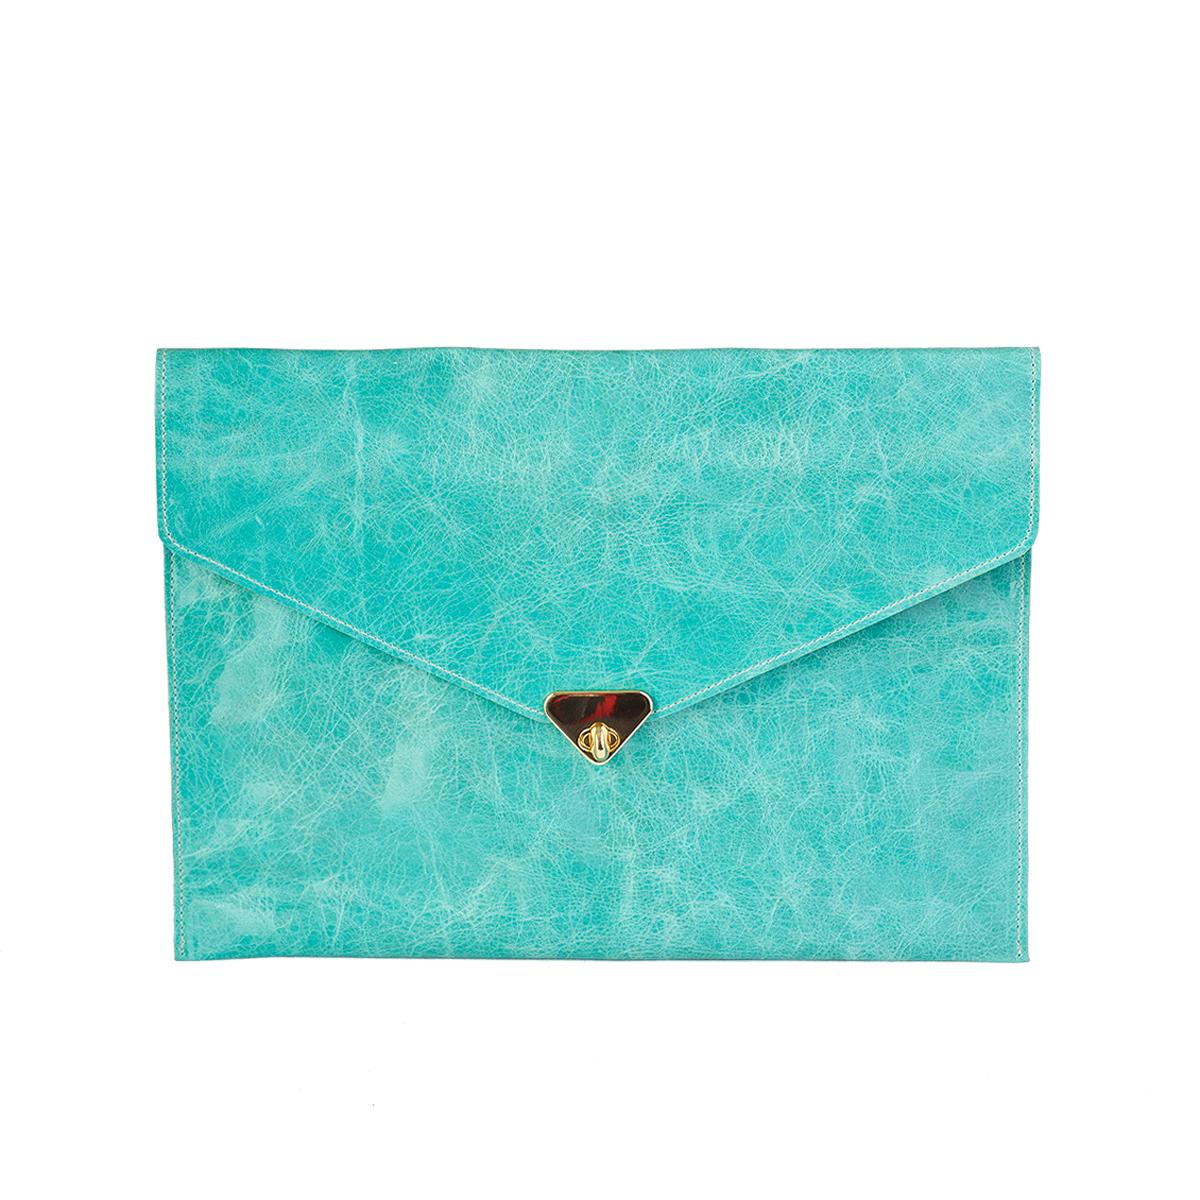 grande pochette enveloppe turquoise en cuir souple